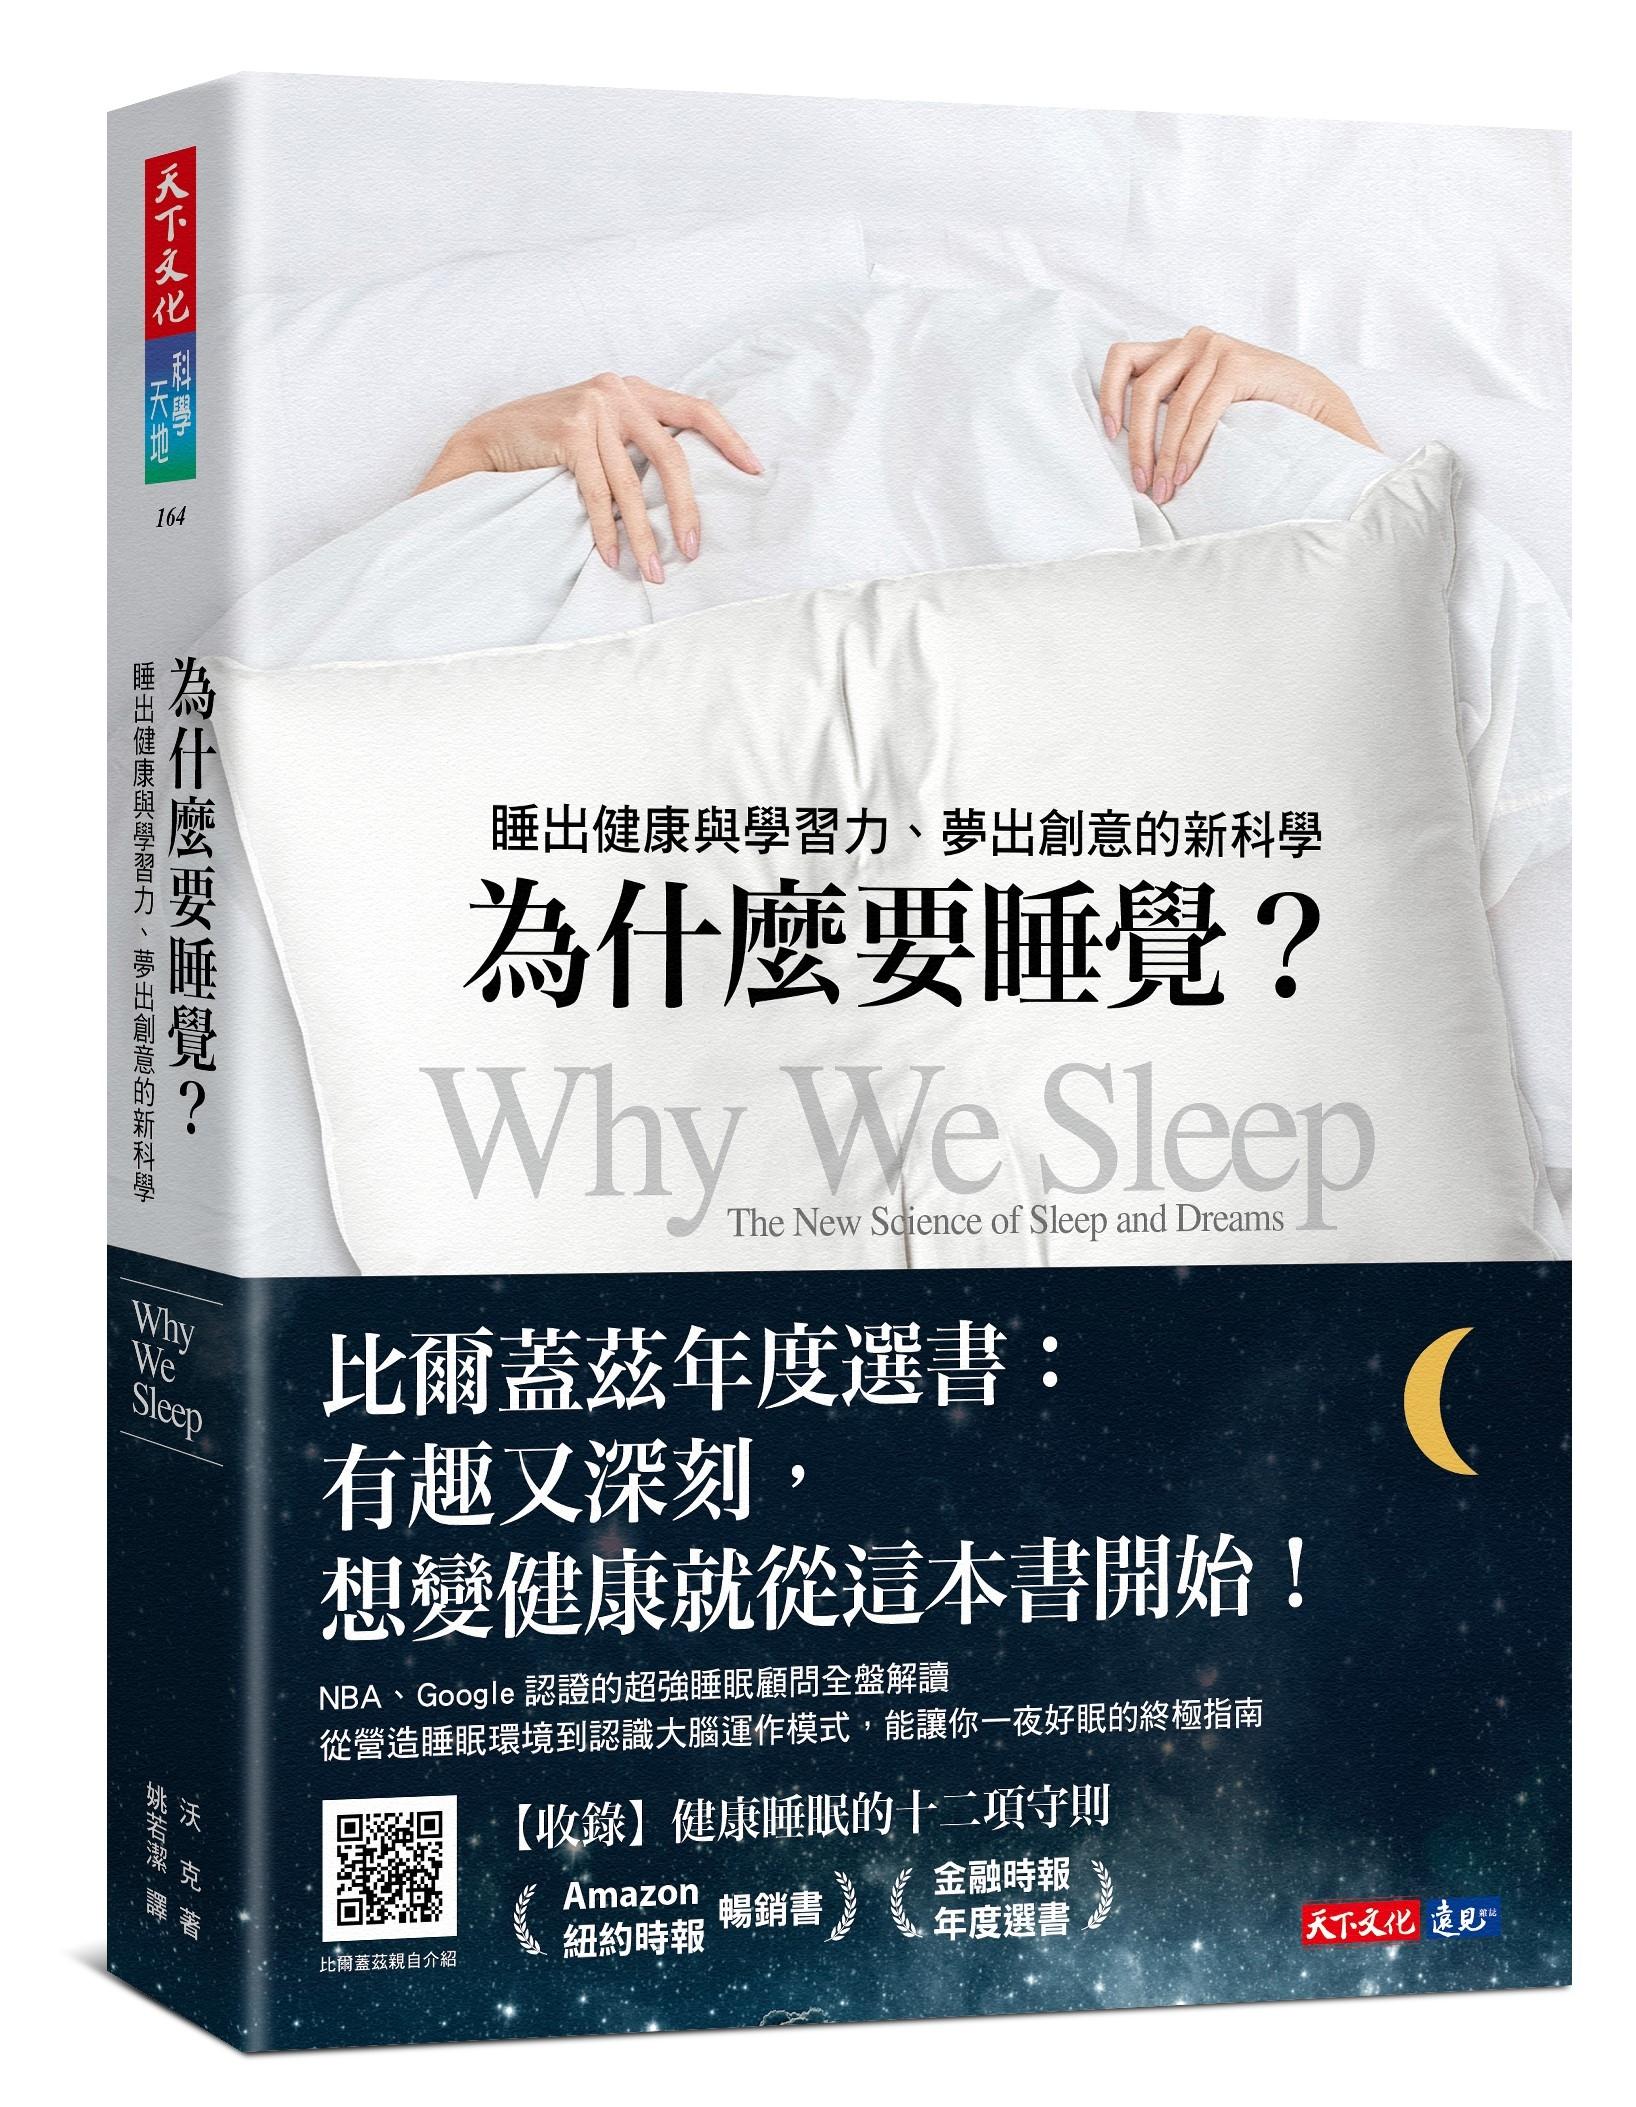 為什麼要睡覺?